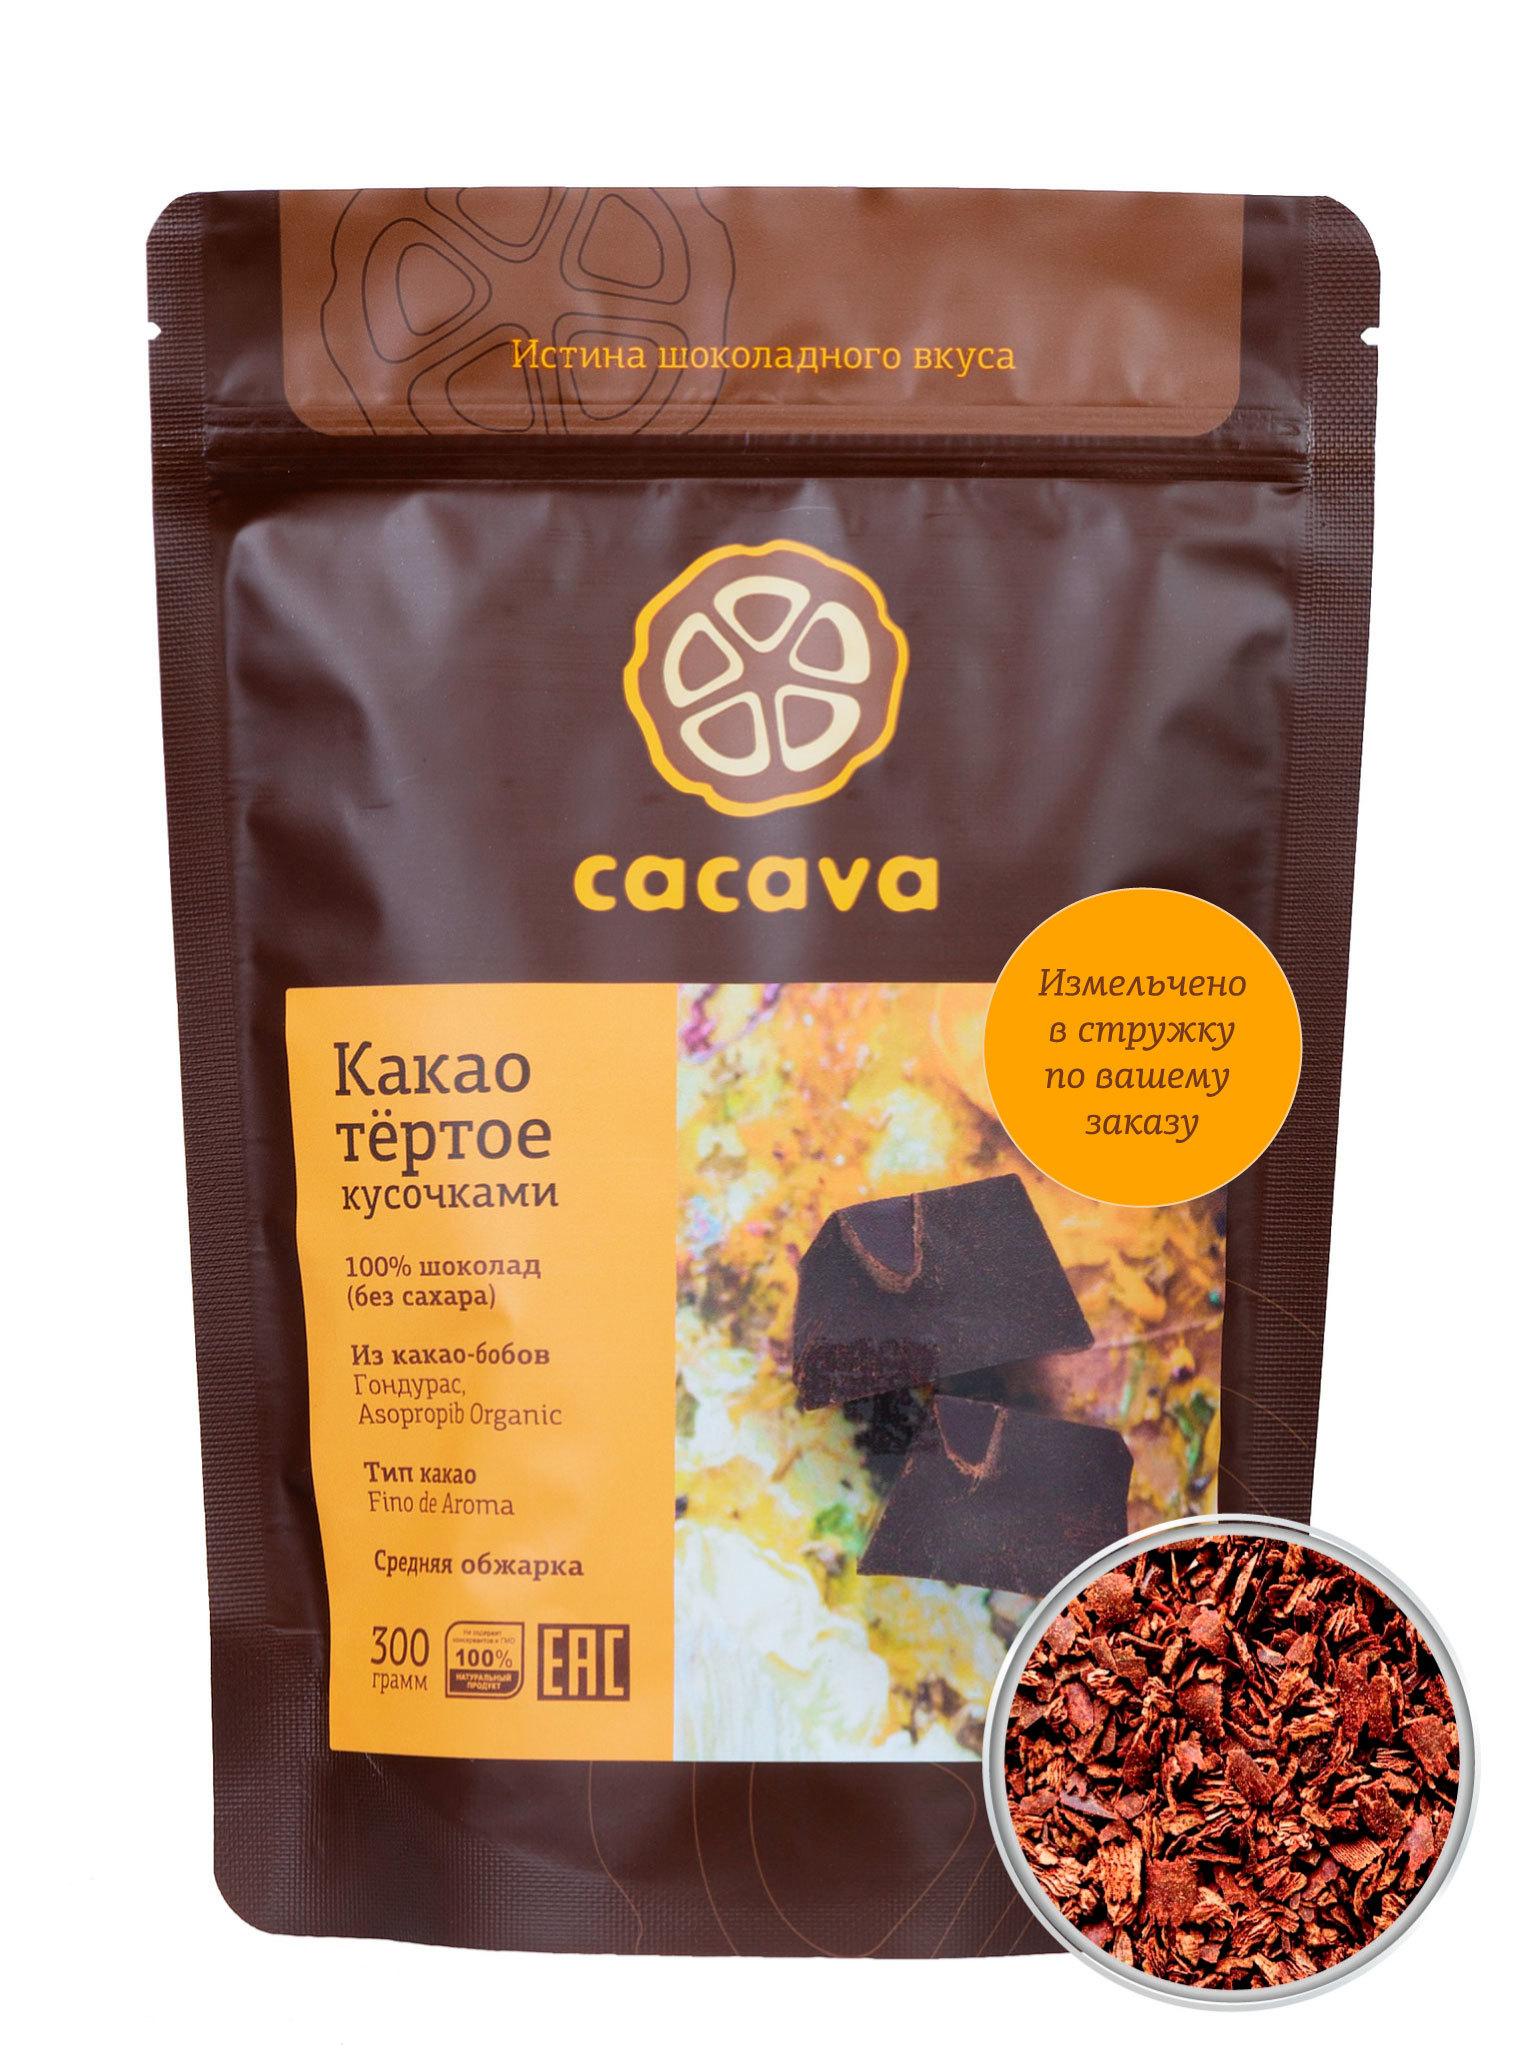 Какао тёртое в стружке (Гондурас, Asopropib), упаковка 300 грамм